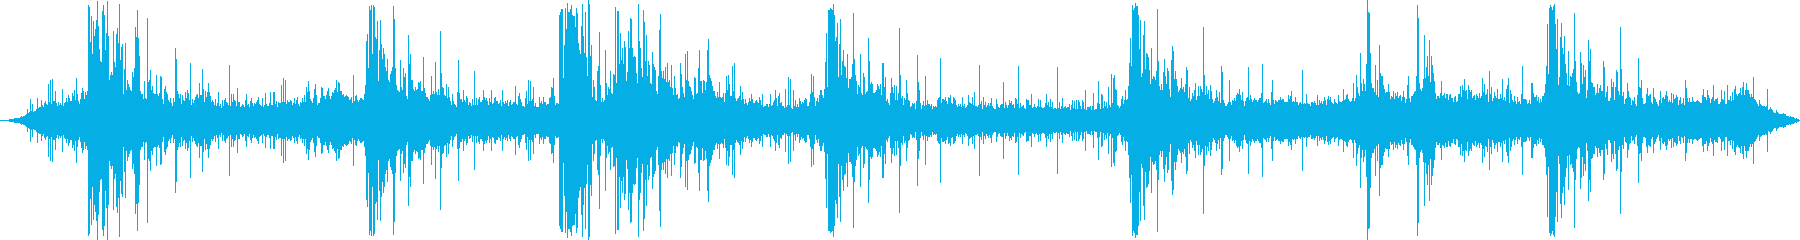 ヘビーサンダーストーム:ヘビーサン...の再生済みの波形